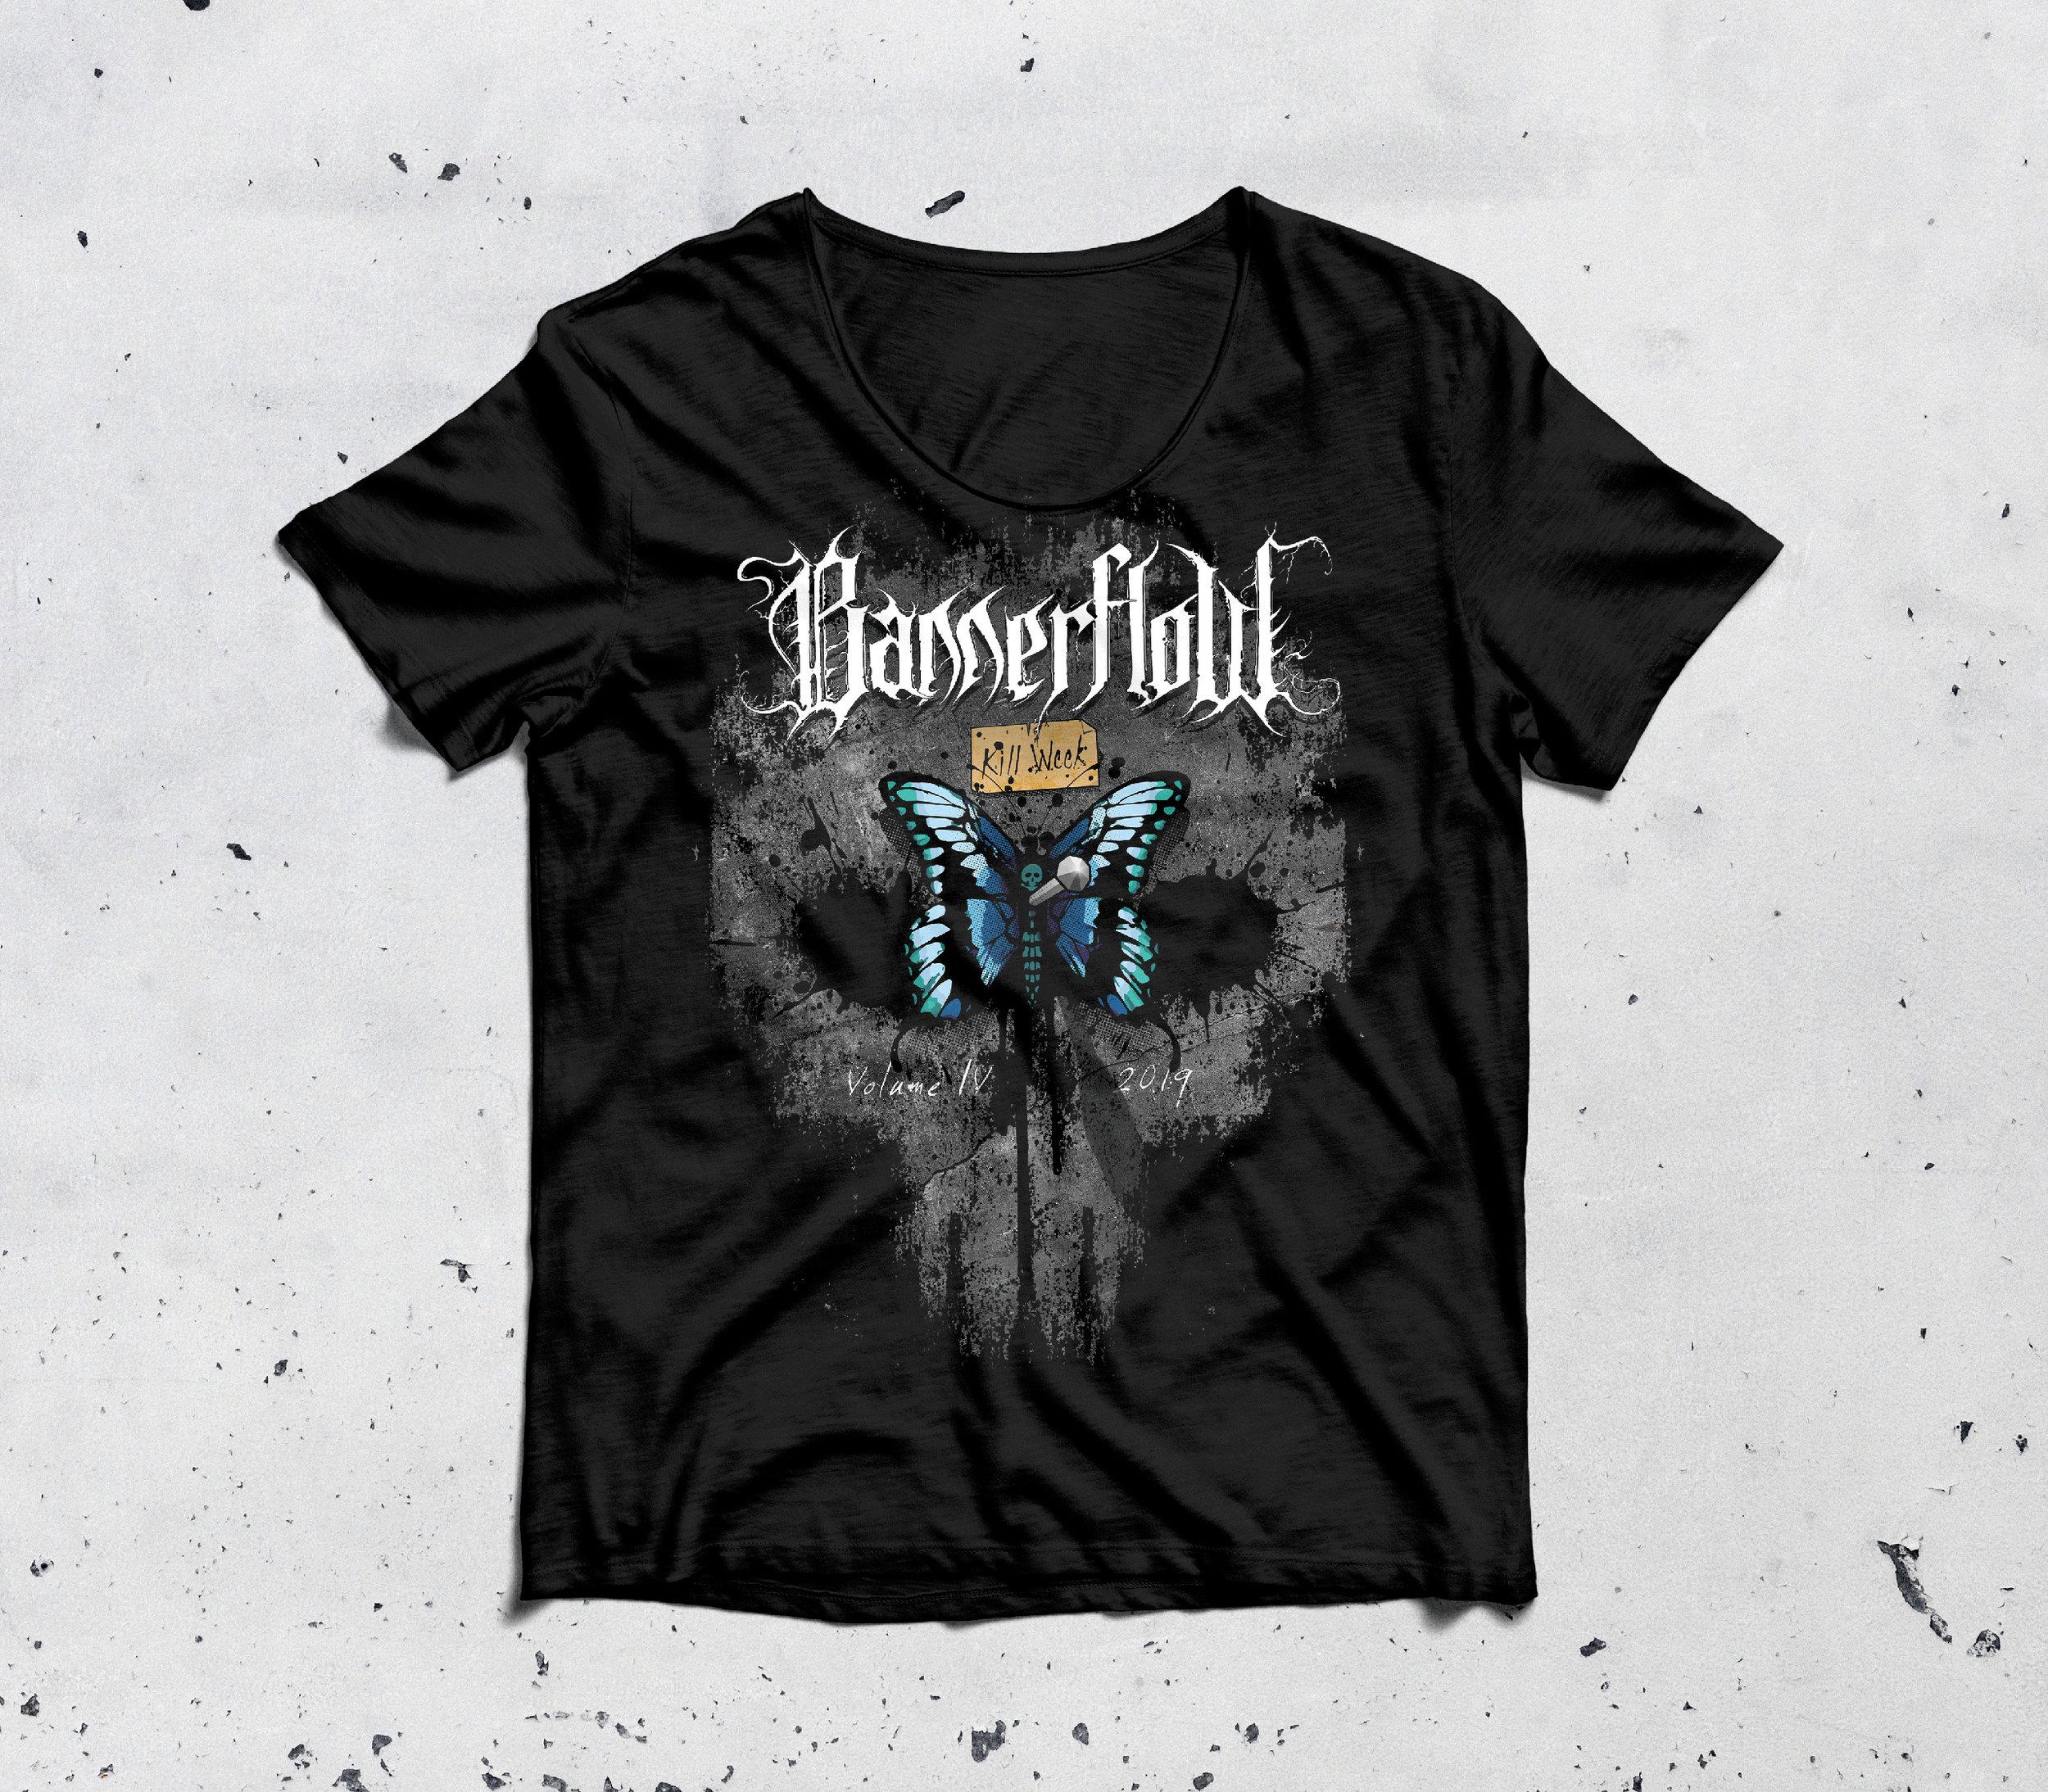 Bannerflow-Kill-week-Heavy-metal-t-shirt-illustration-daniele-tottle.jpg